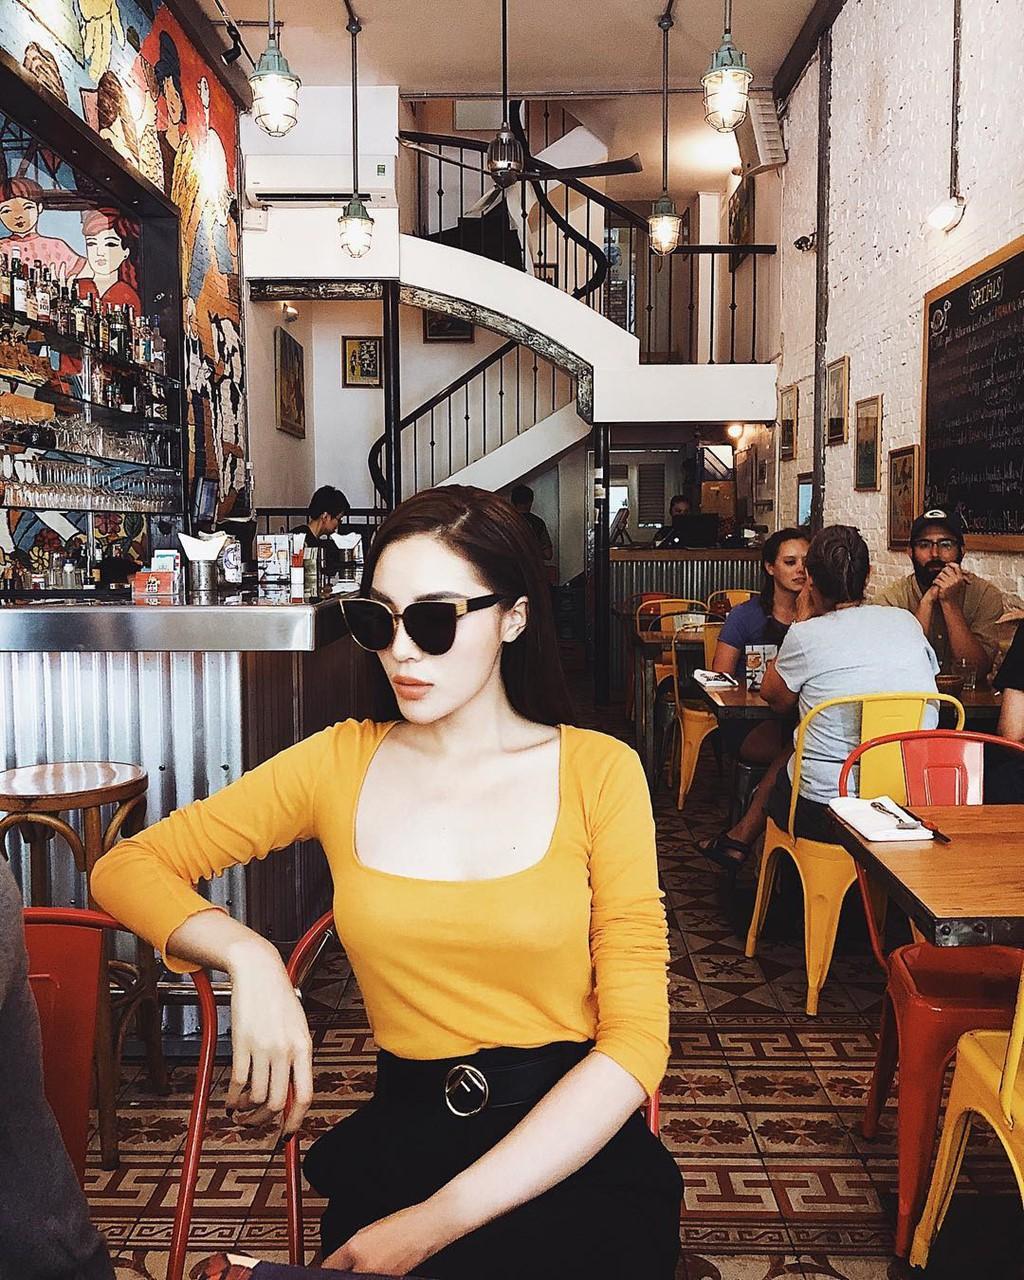 Học theo Kate và Meghan, các người đẹp Việt cũng đang diện váy áo vàng tươi chói lòa - Ảnh 4.